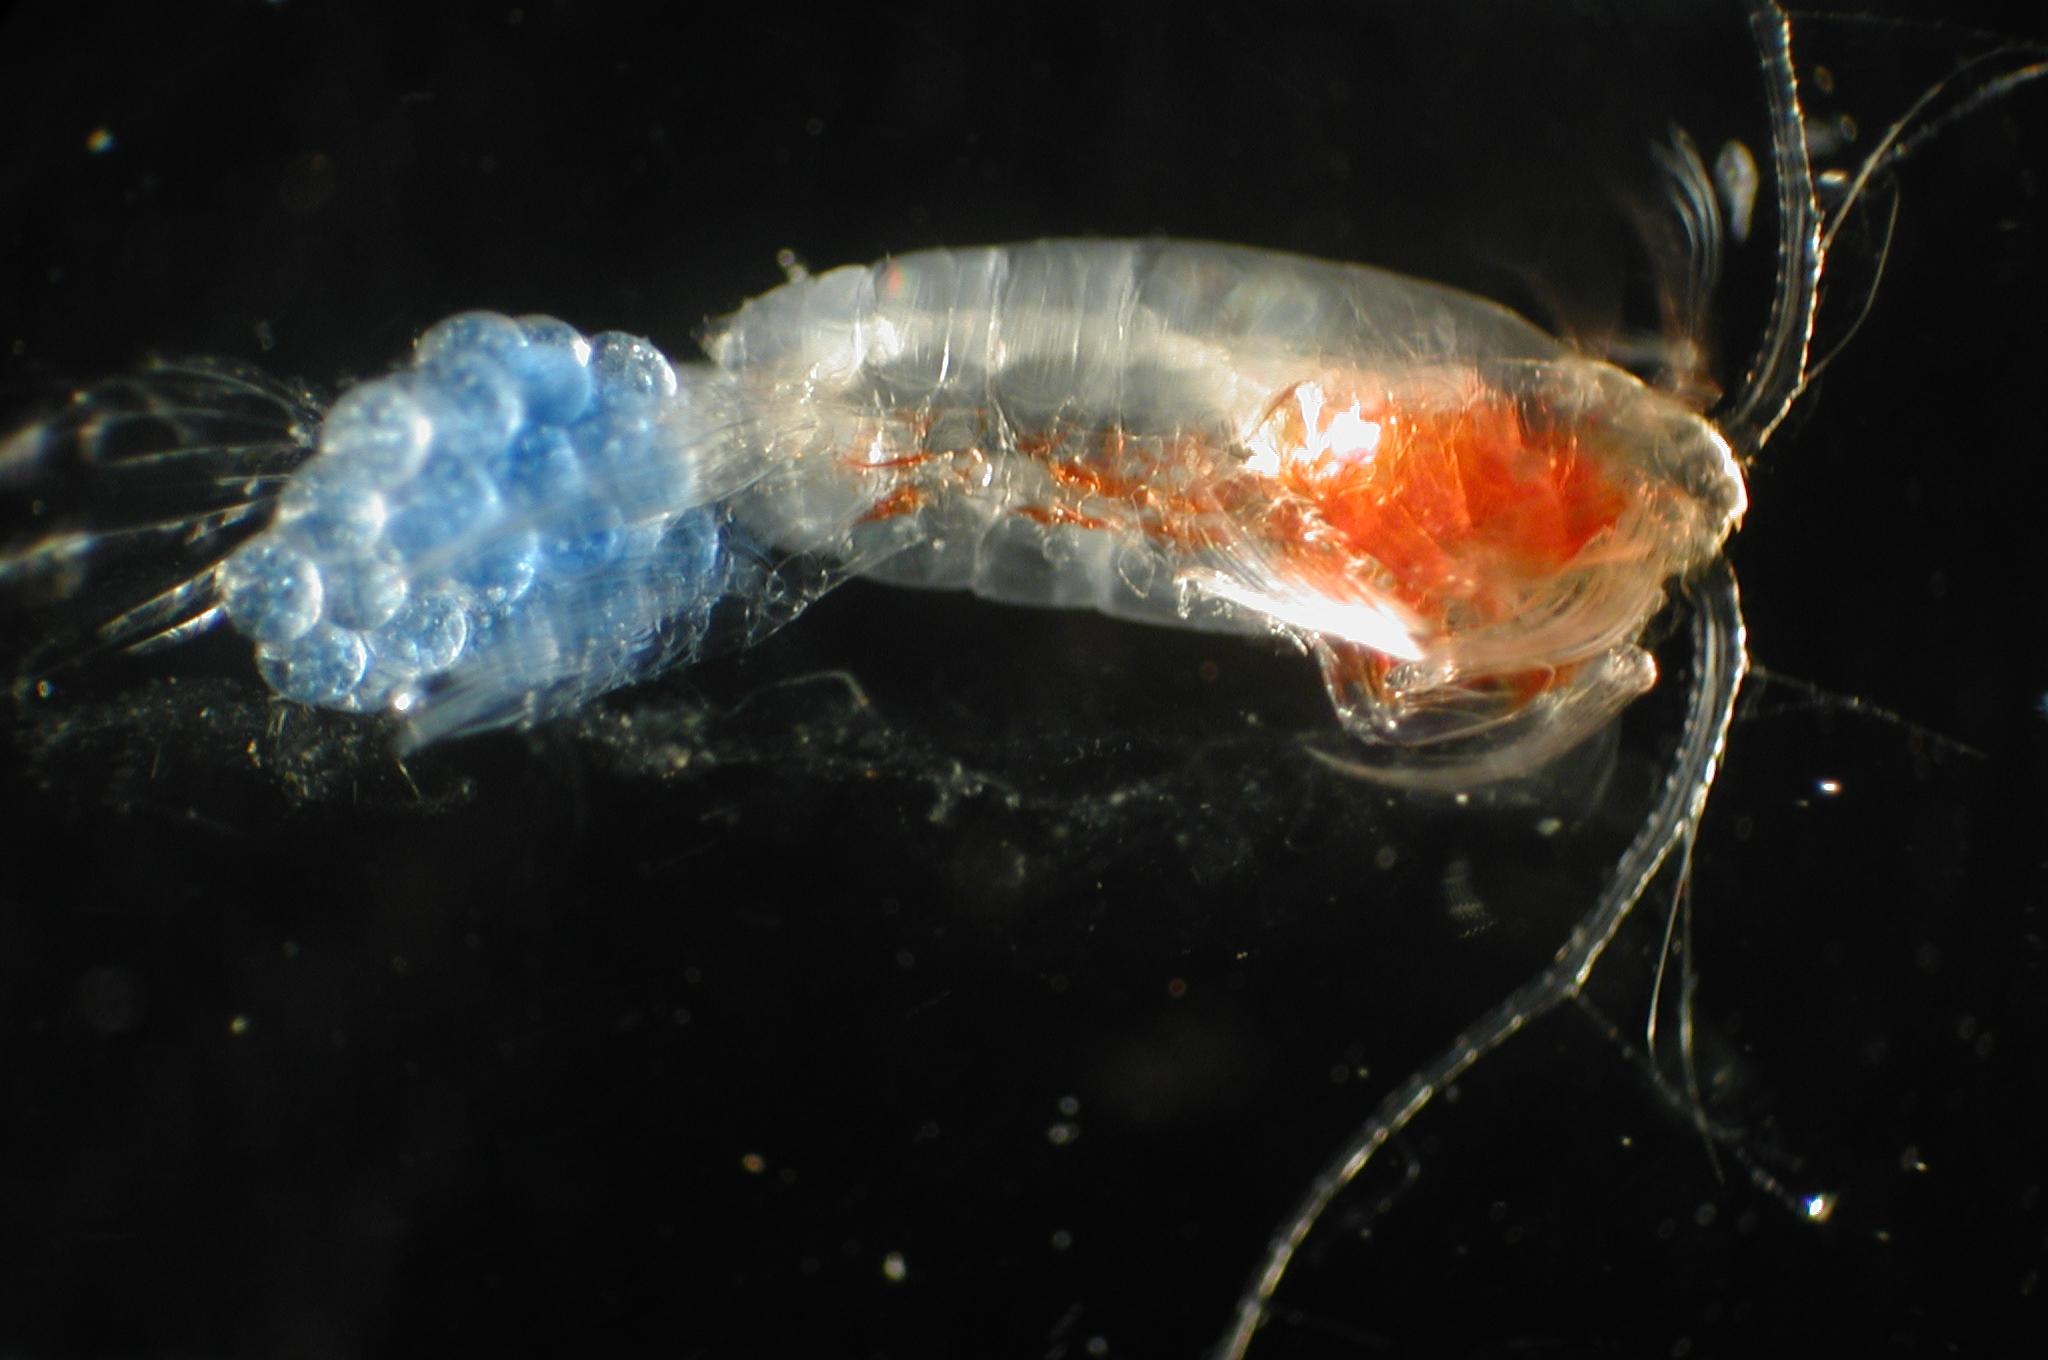 Copépodo con huevos